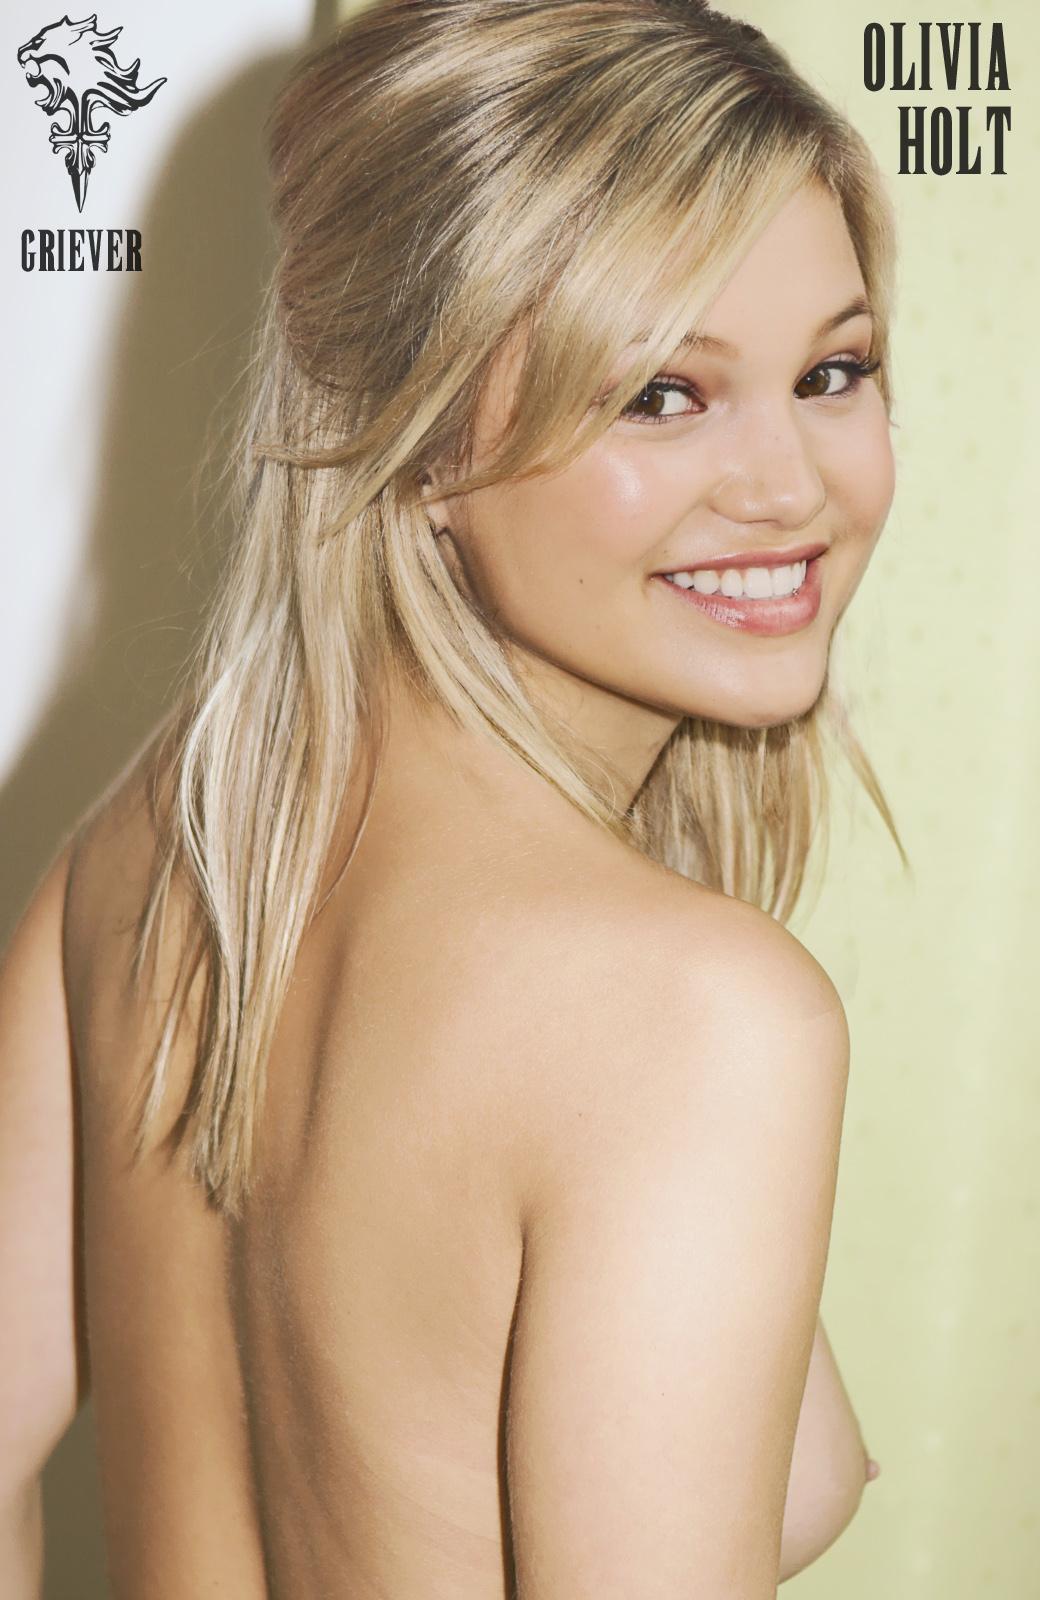 Olivia Holt Nude